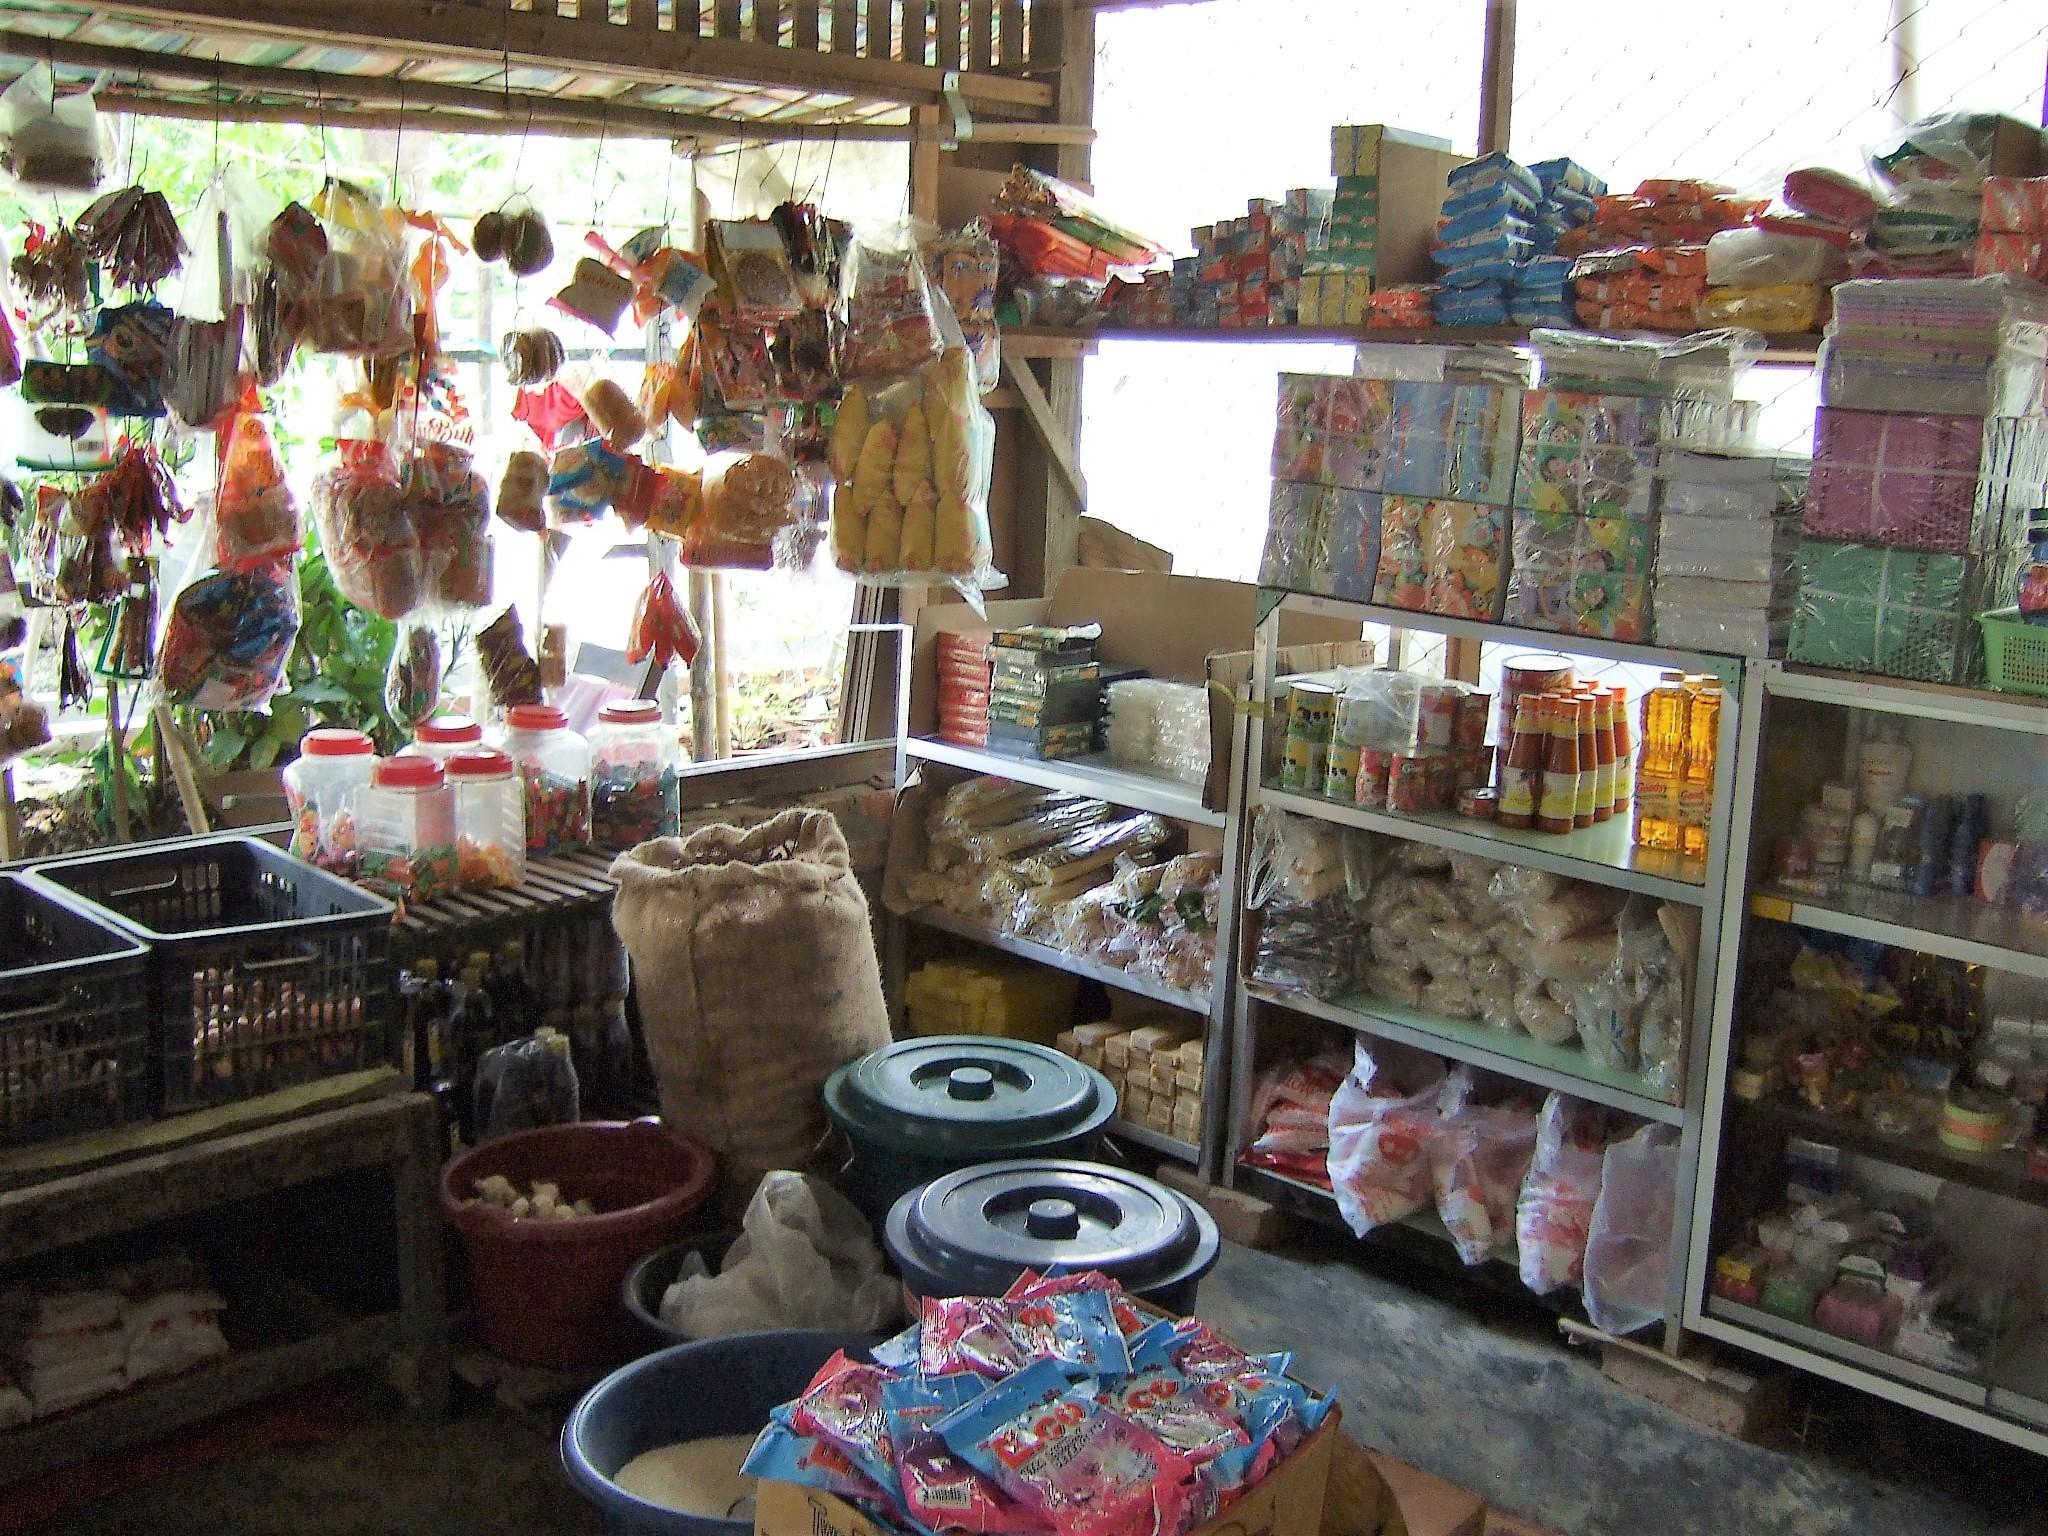 ミャンマーの雑貨屋、店内の様子